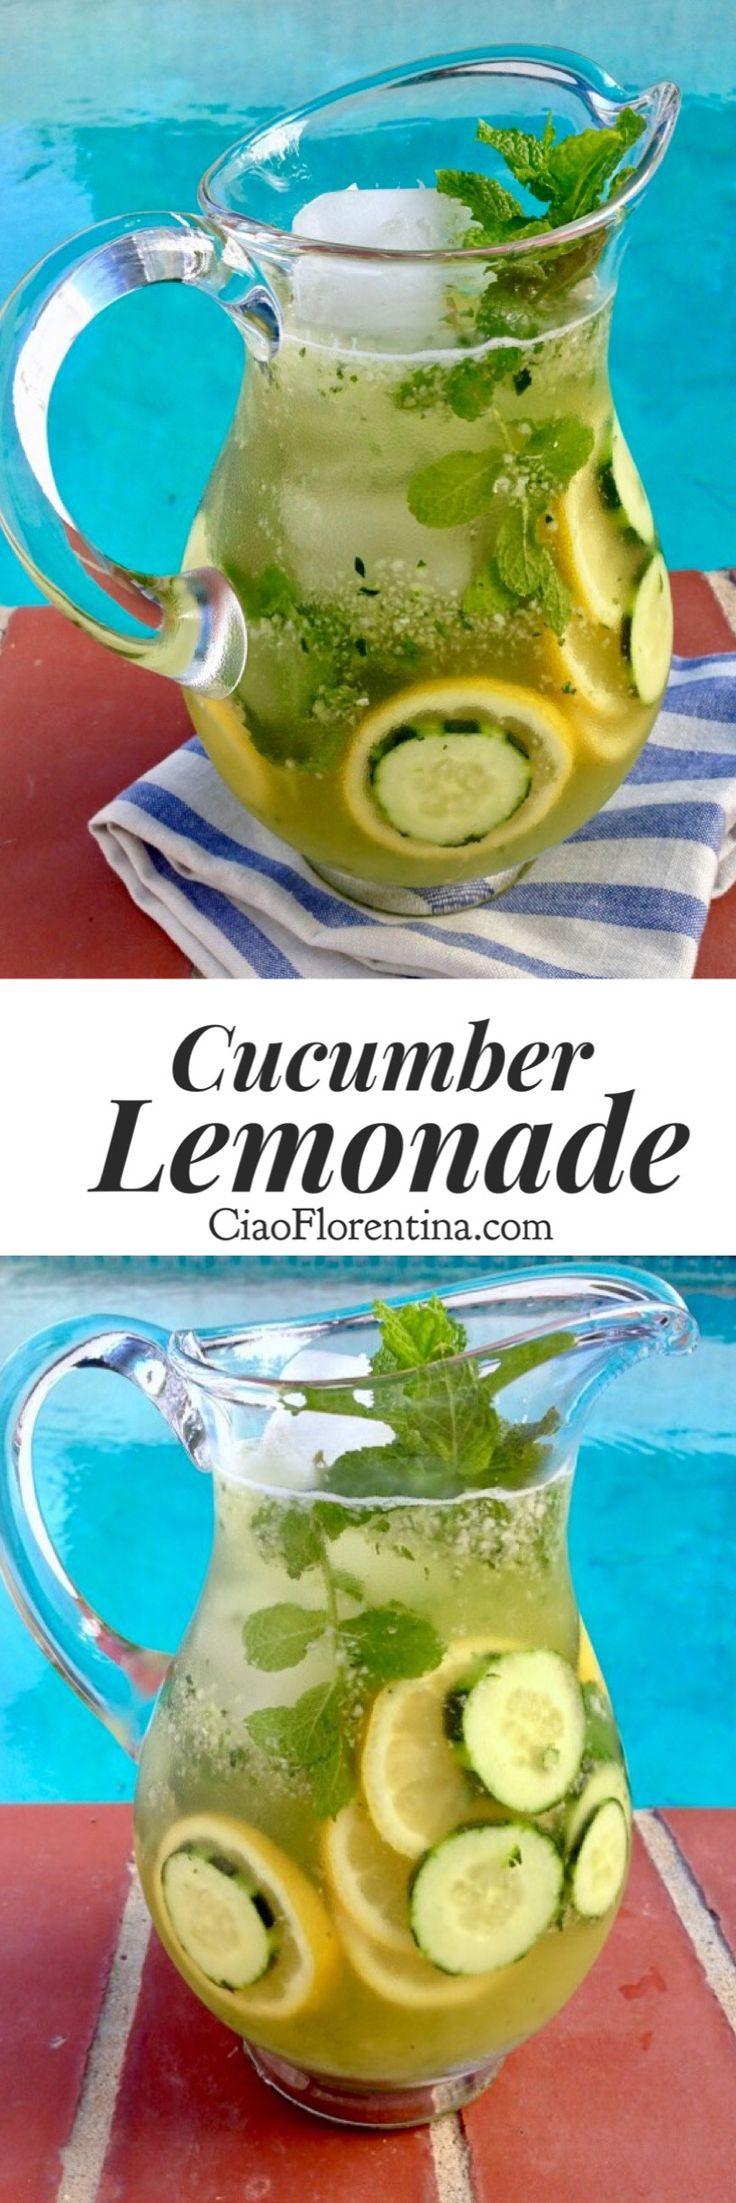 Cucumber Lemonade Recipe   | CiaoFlorentina.com @CiaoFlorentina